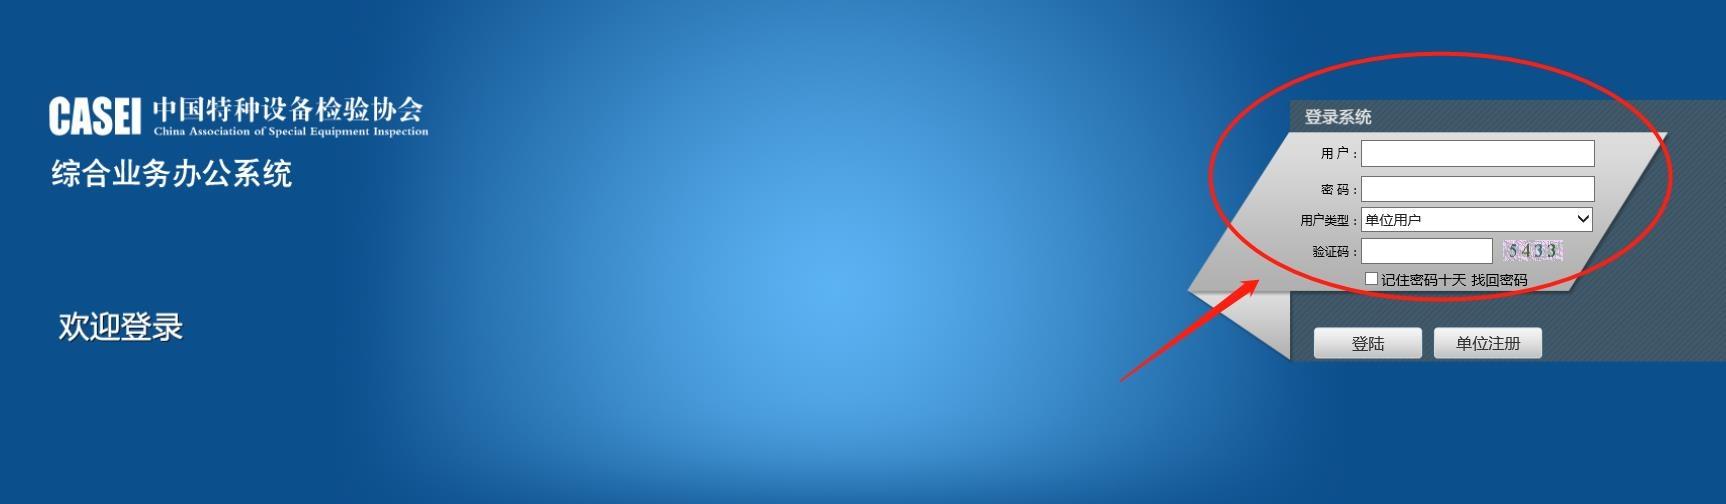 微信图片编辑_20201103013100.jpg